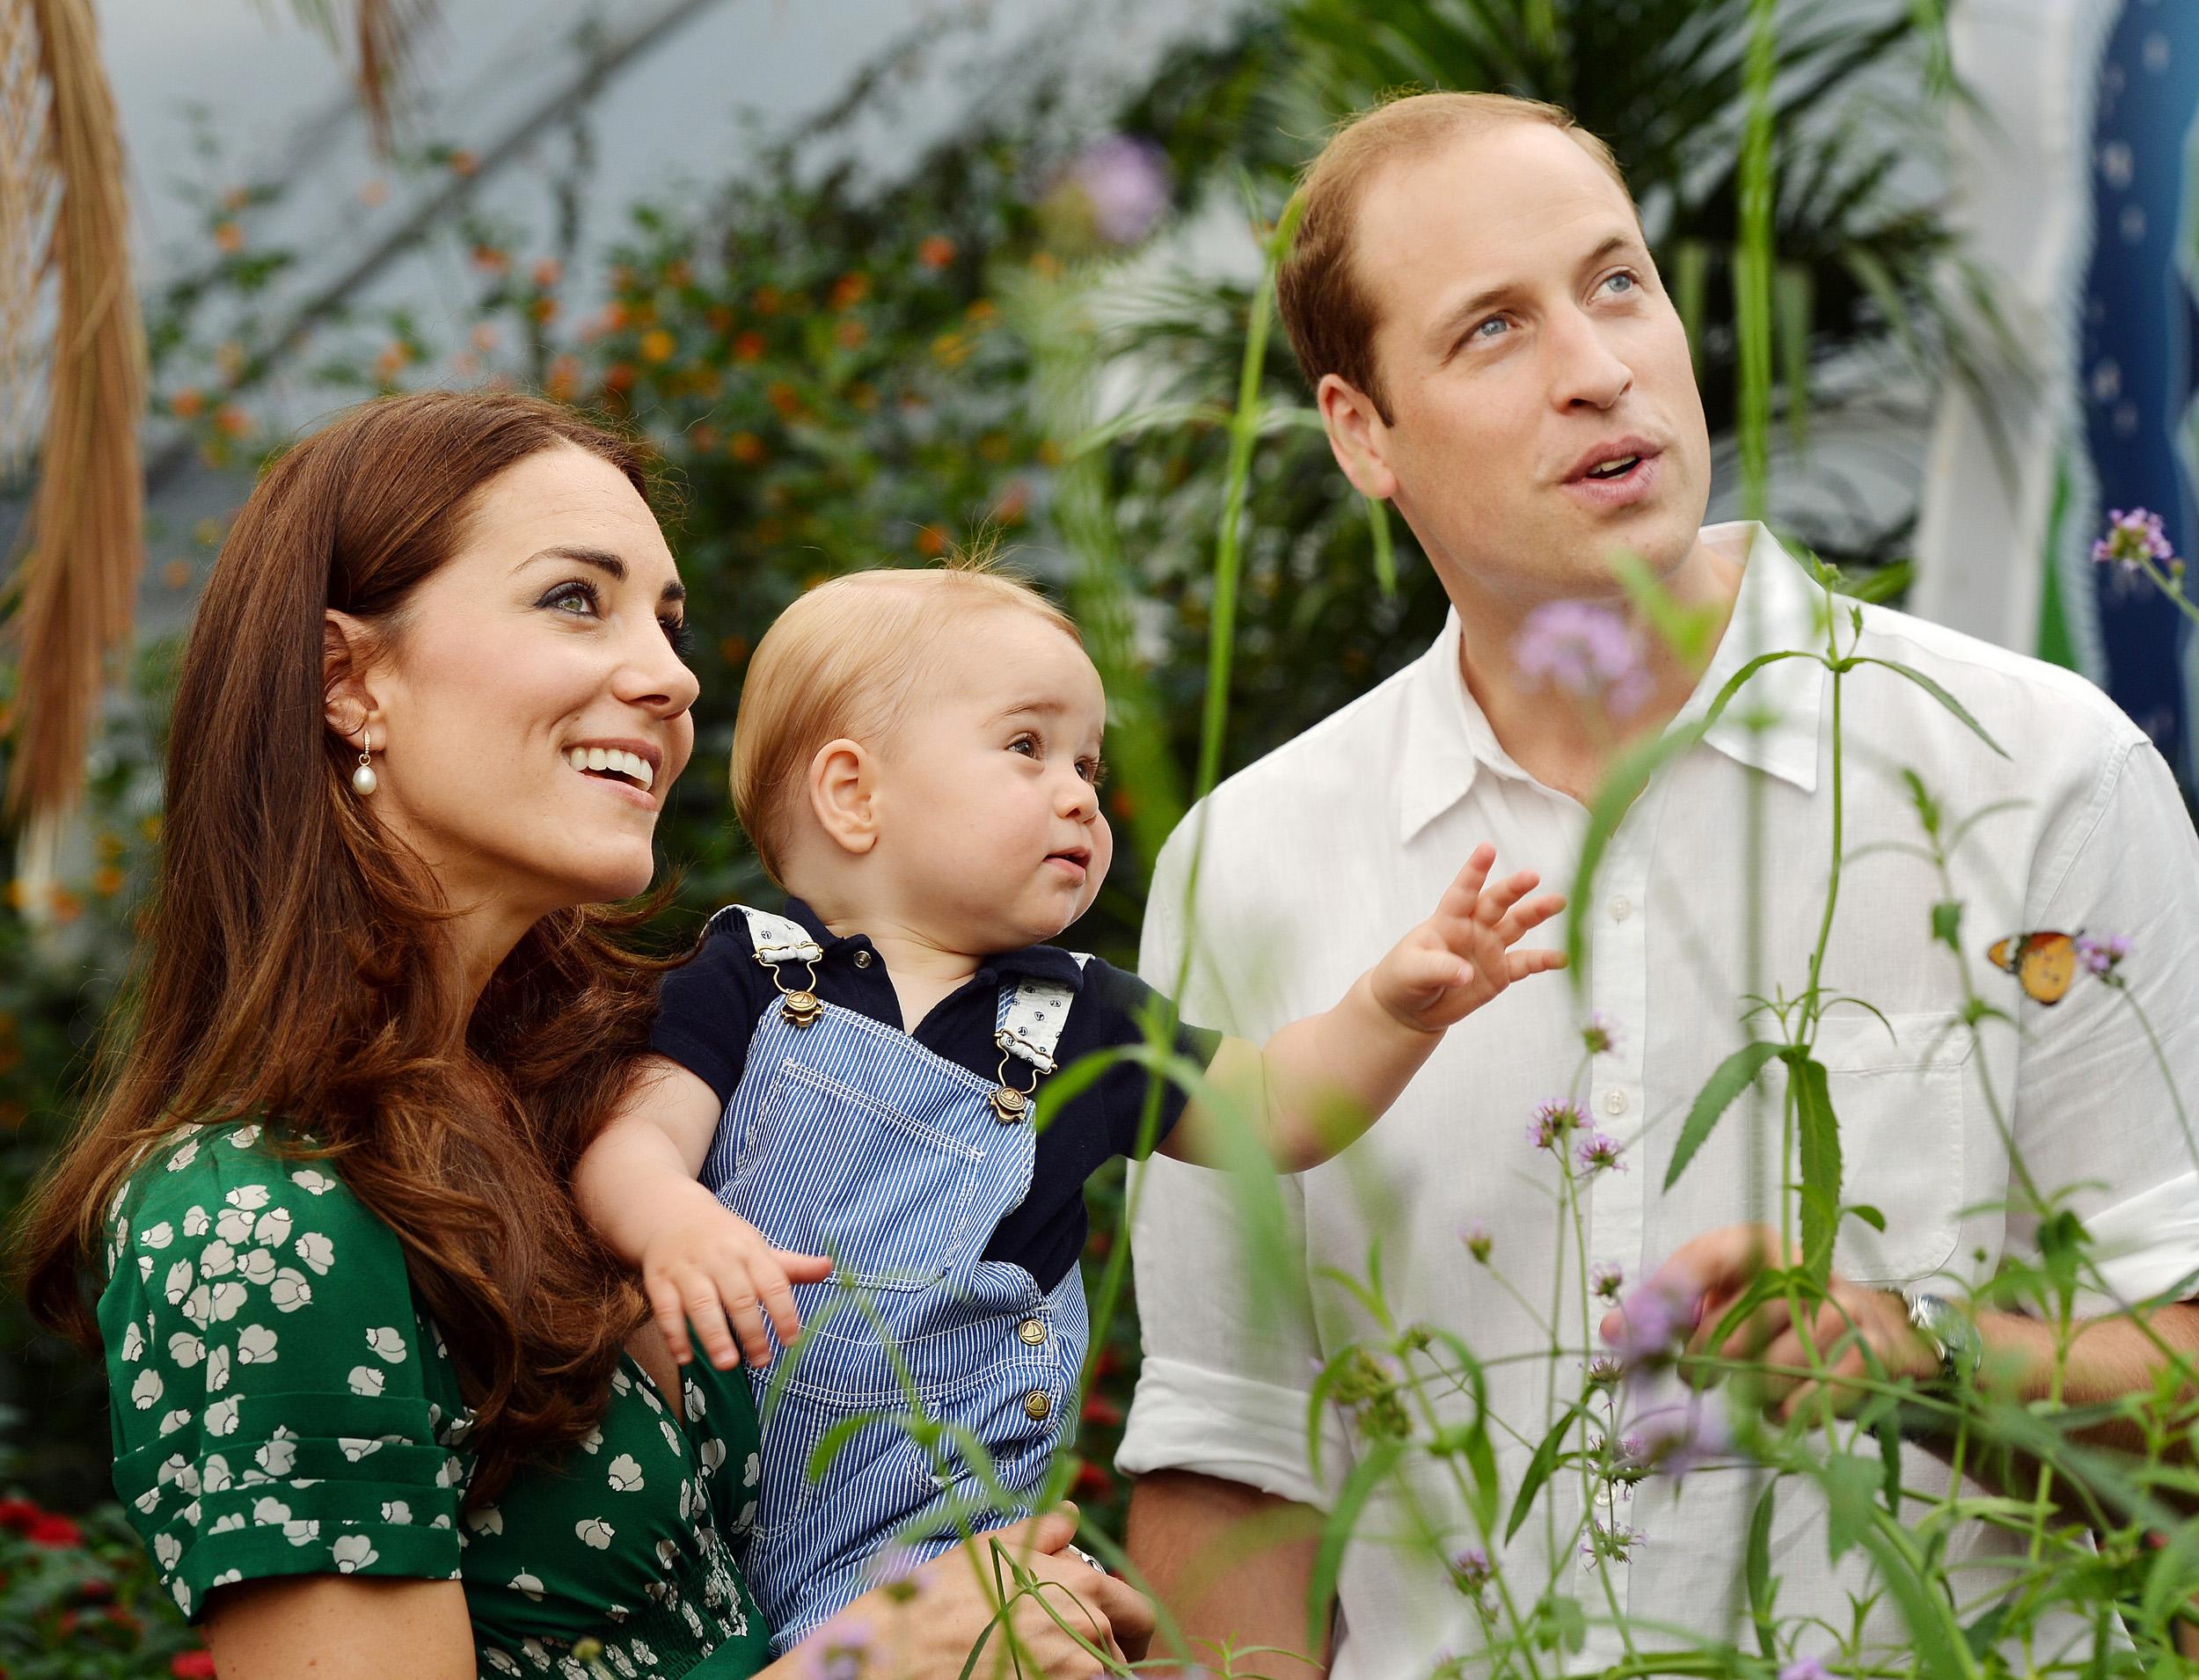 Кейт Миддлтон и принц Уильям думают над именем будущего ребенка